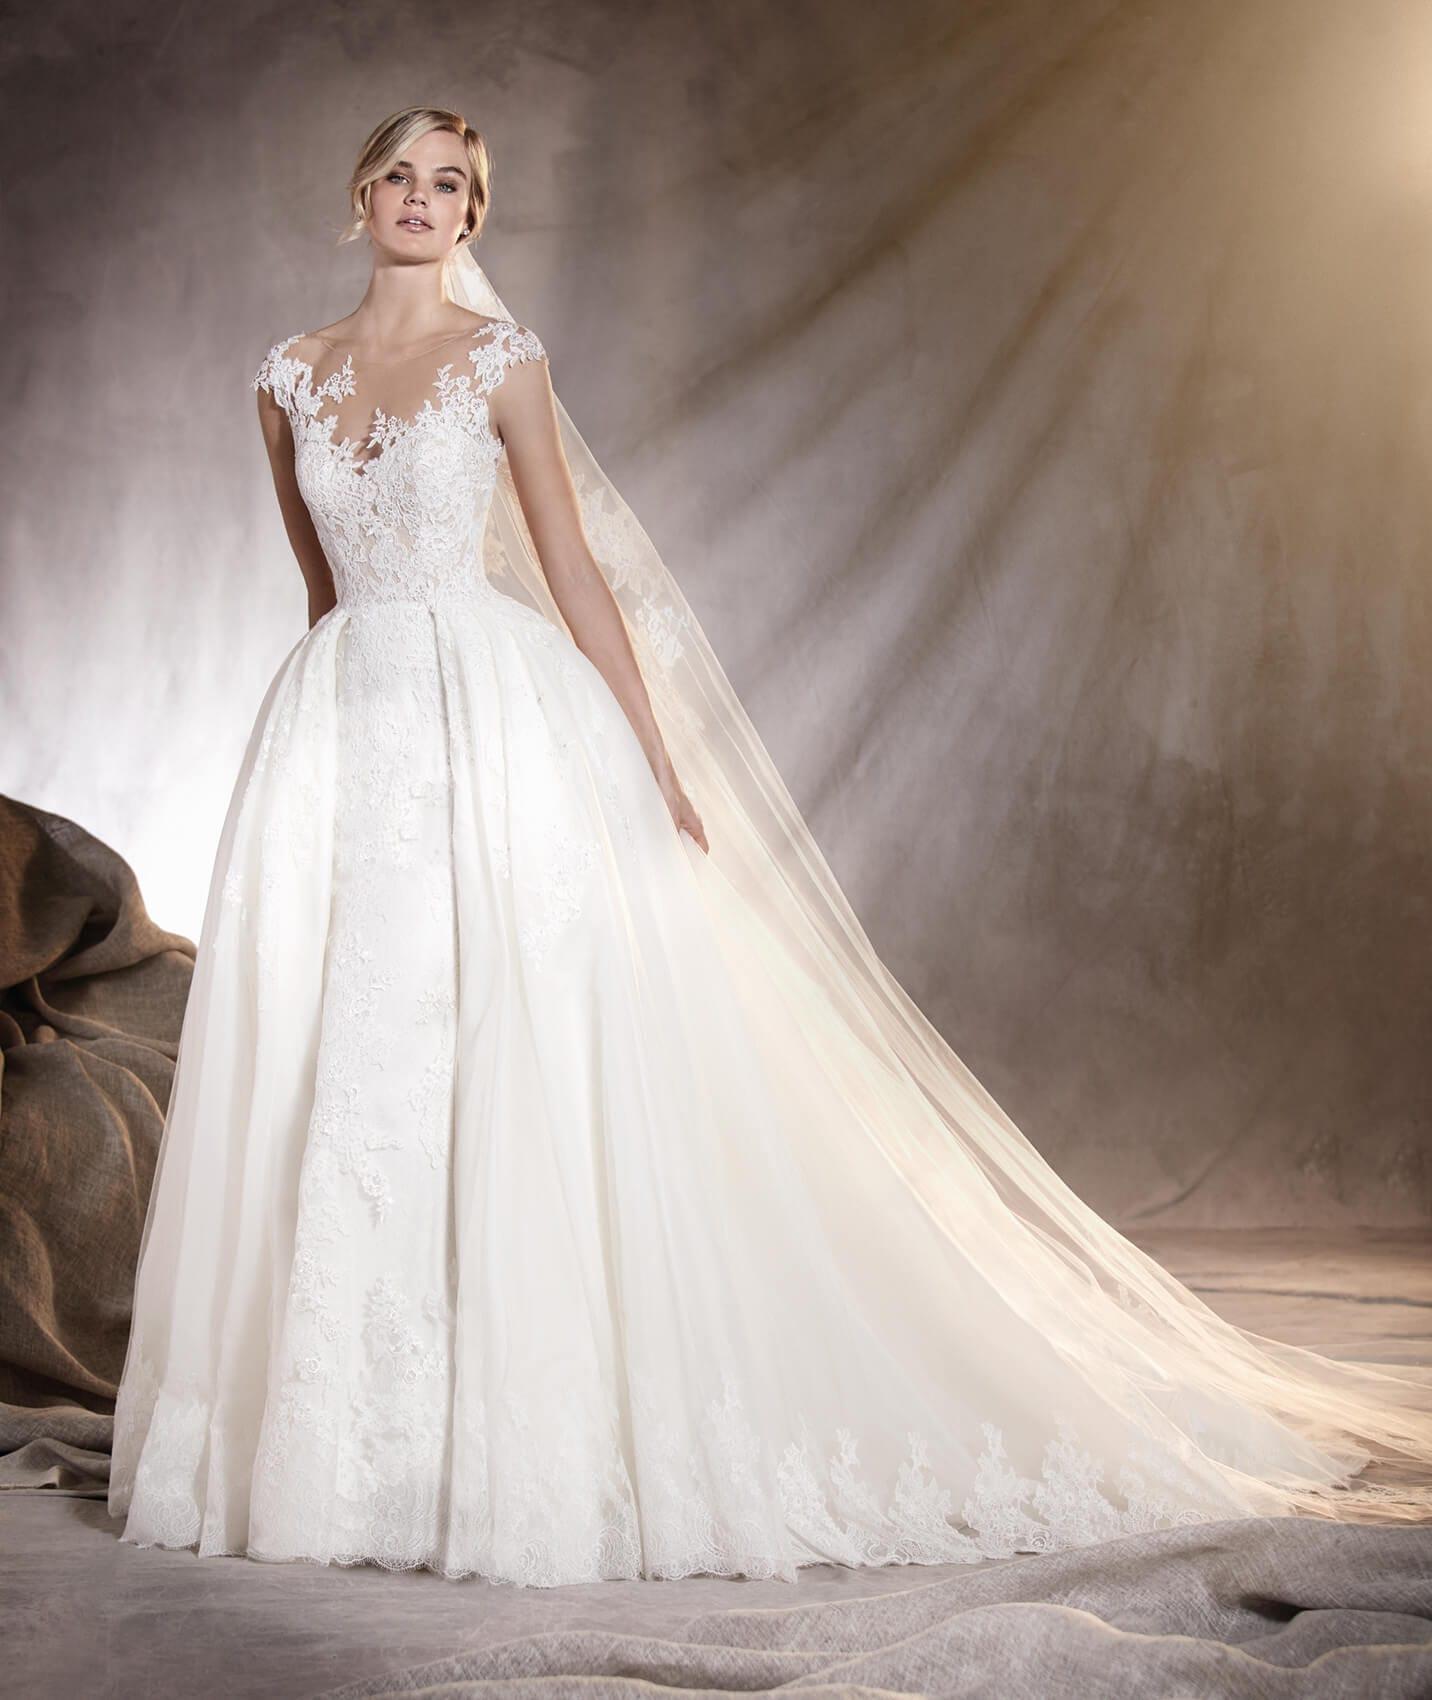 Adela vestuvinė suknelė